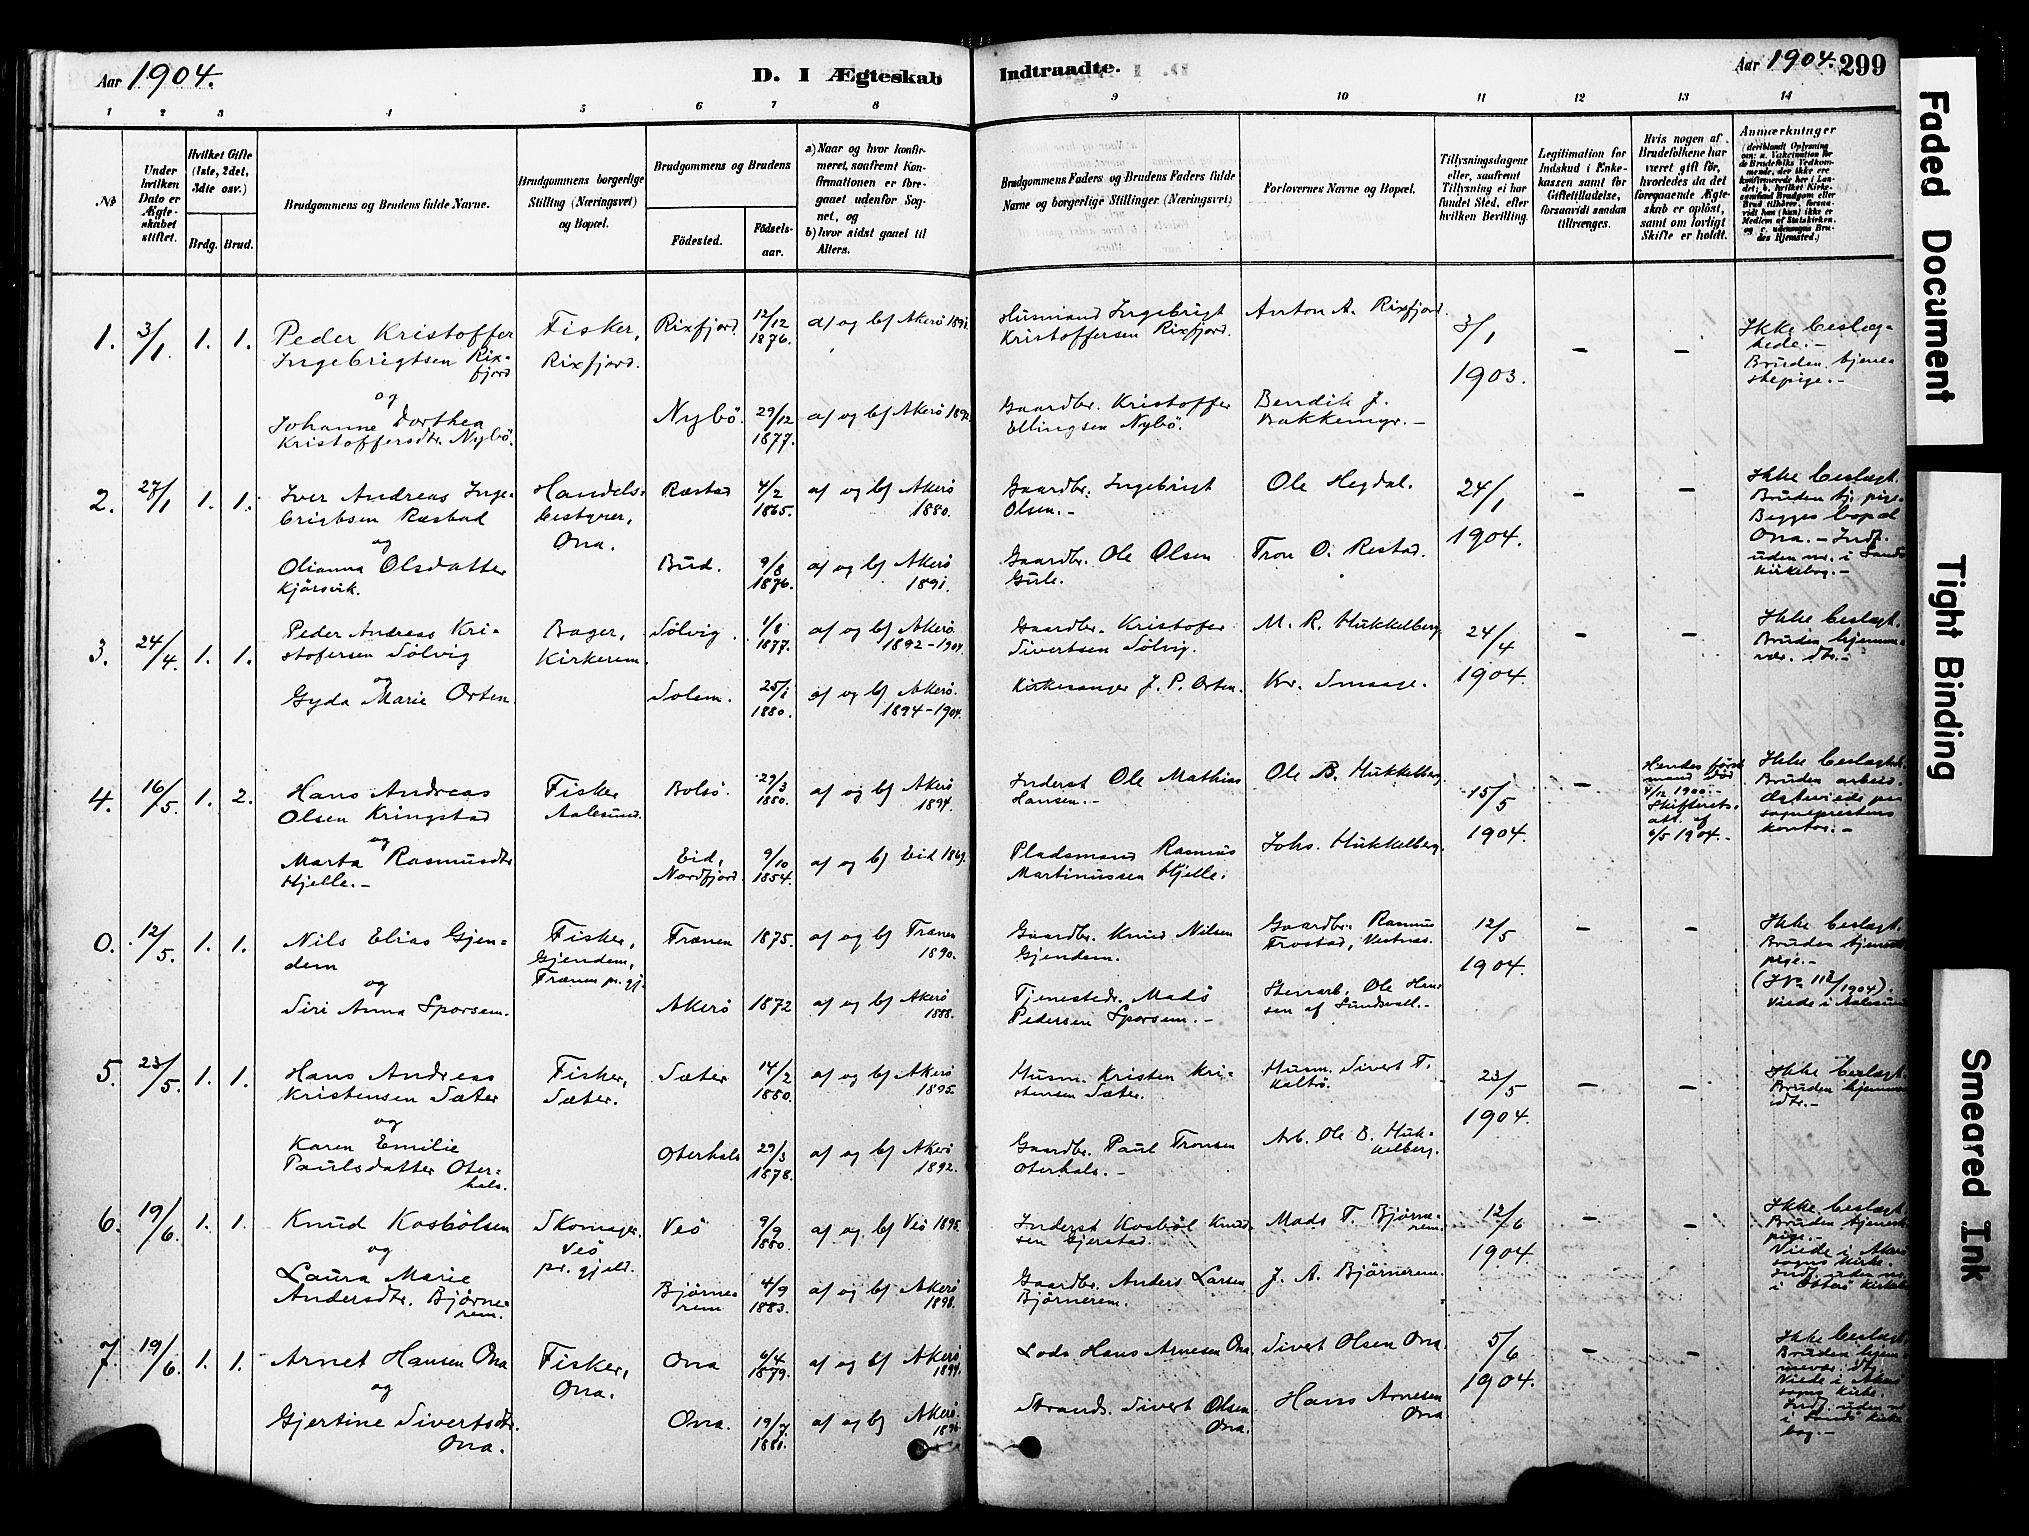 SAT, Ministerialprotokoller, klokkerbøker og fødselsregistre - Møre og Romsdal, 560/L0721: Ministerialbok nr. 560A05, 1878-1917, s. 299